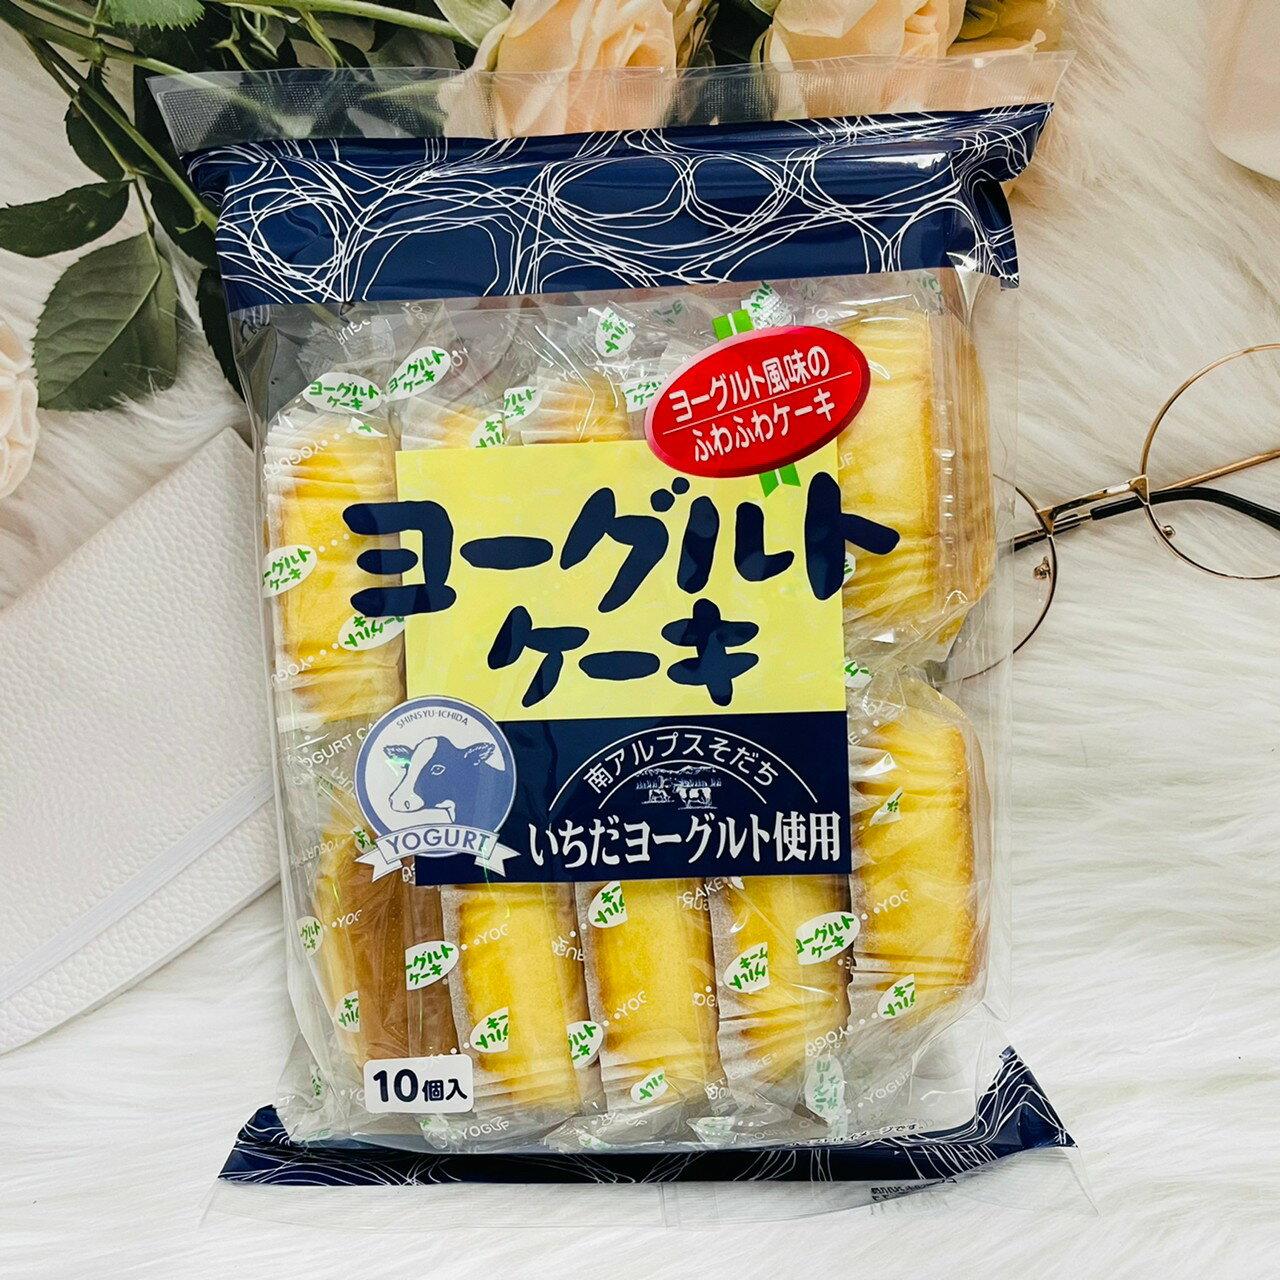 日本 幸福堂 牛乳蛋糕/香蕉蛋糕/優格風味蛋糕/紅茶蛋糕 180g 10個入